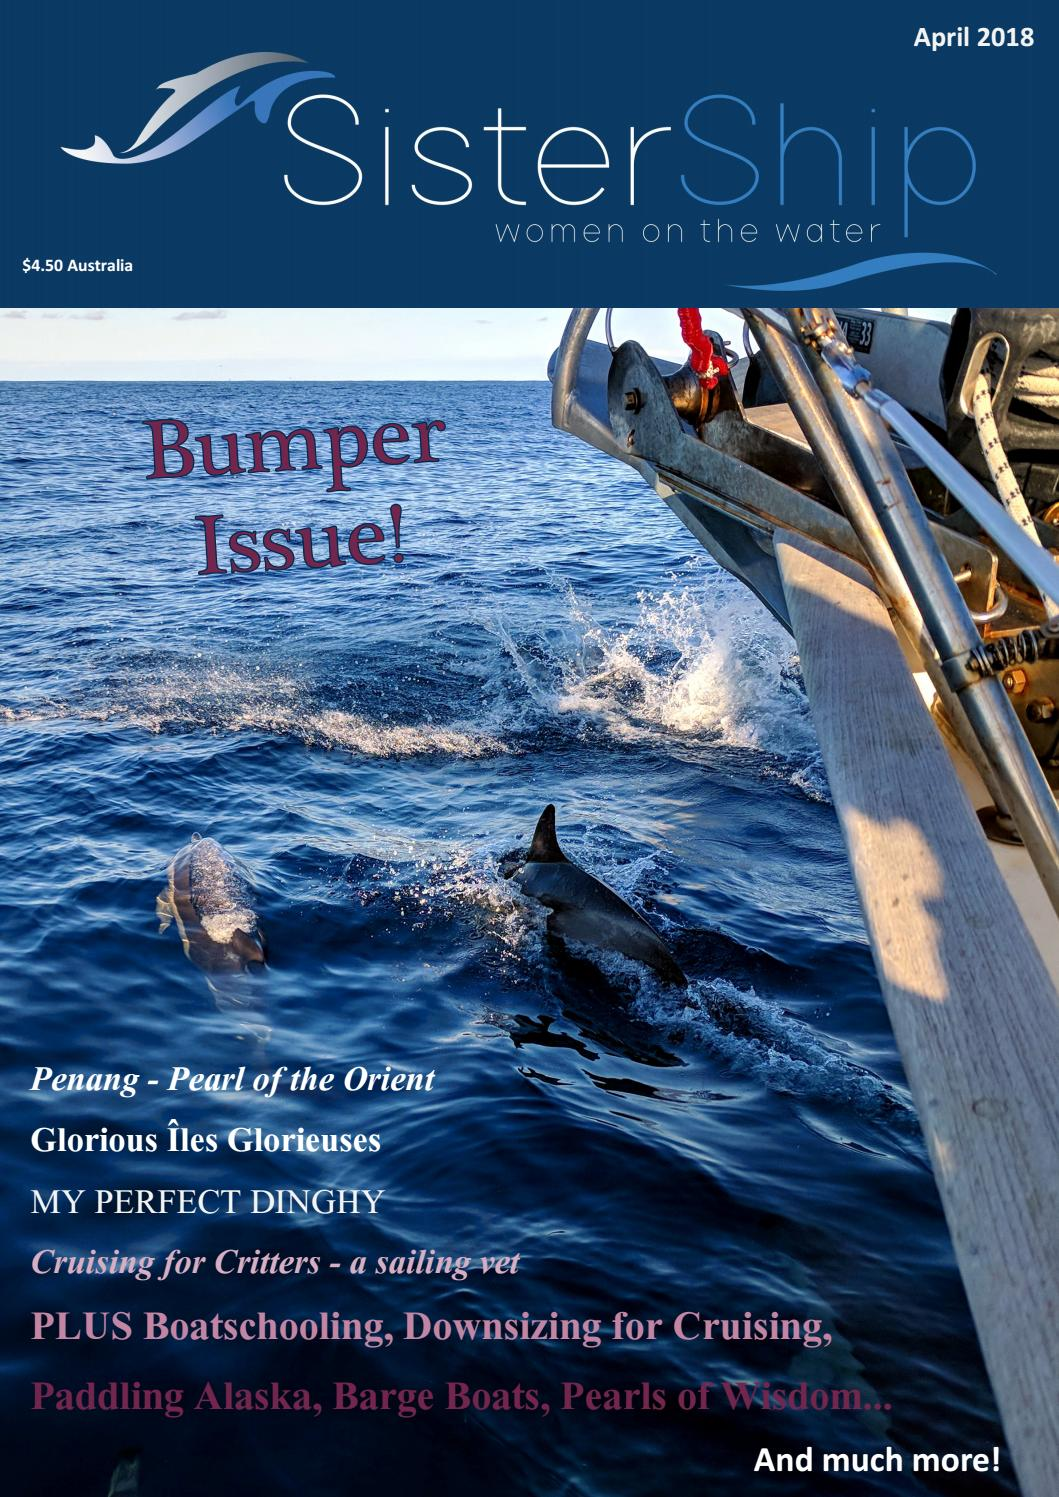 Sistership Magazine April 2018 By Sistershipmagazine Issuu Tas Light Stand Big Muat 4